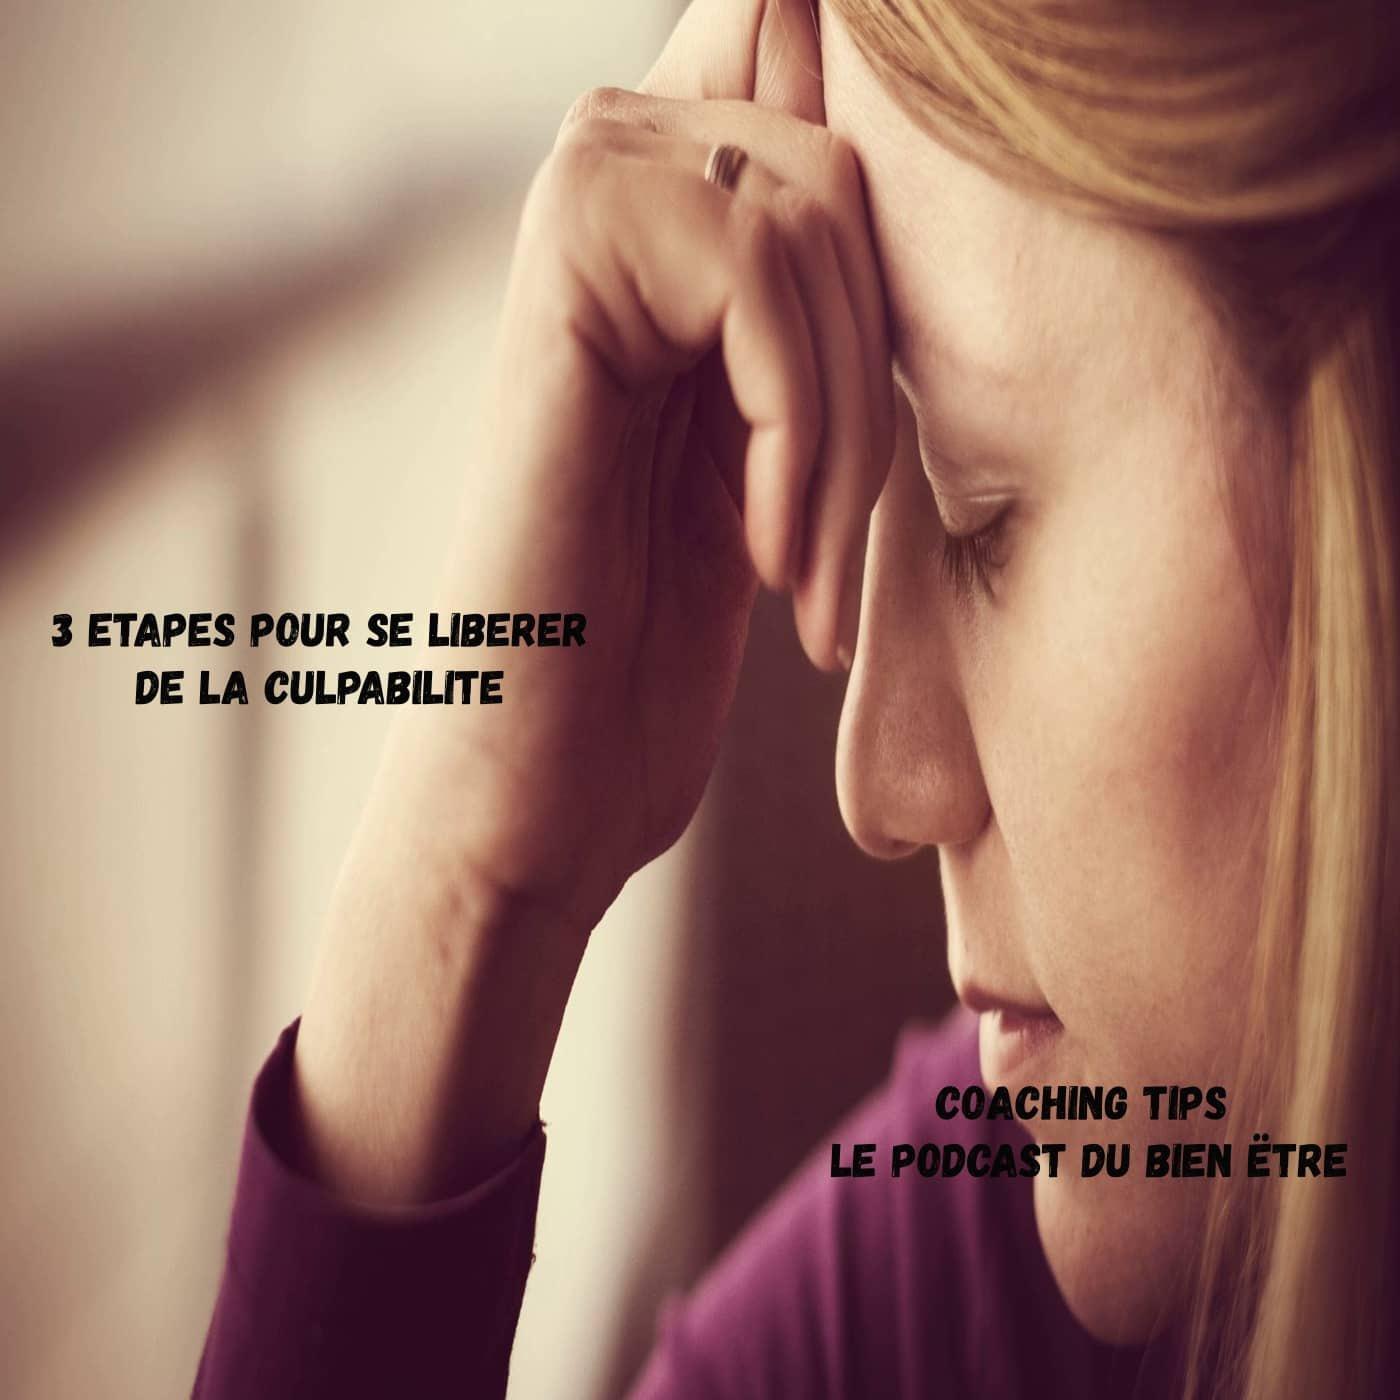 3 étapes pour se libérer de la culpabilité